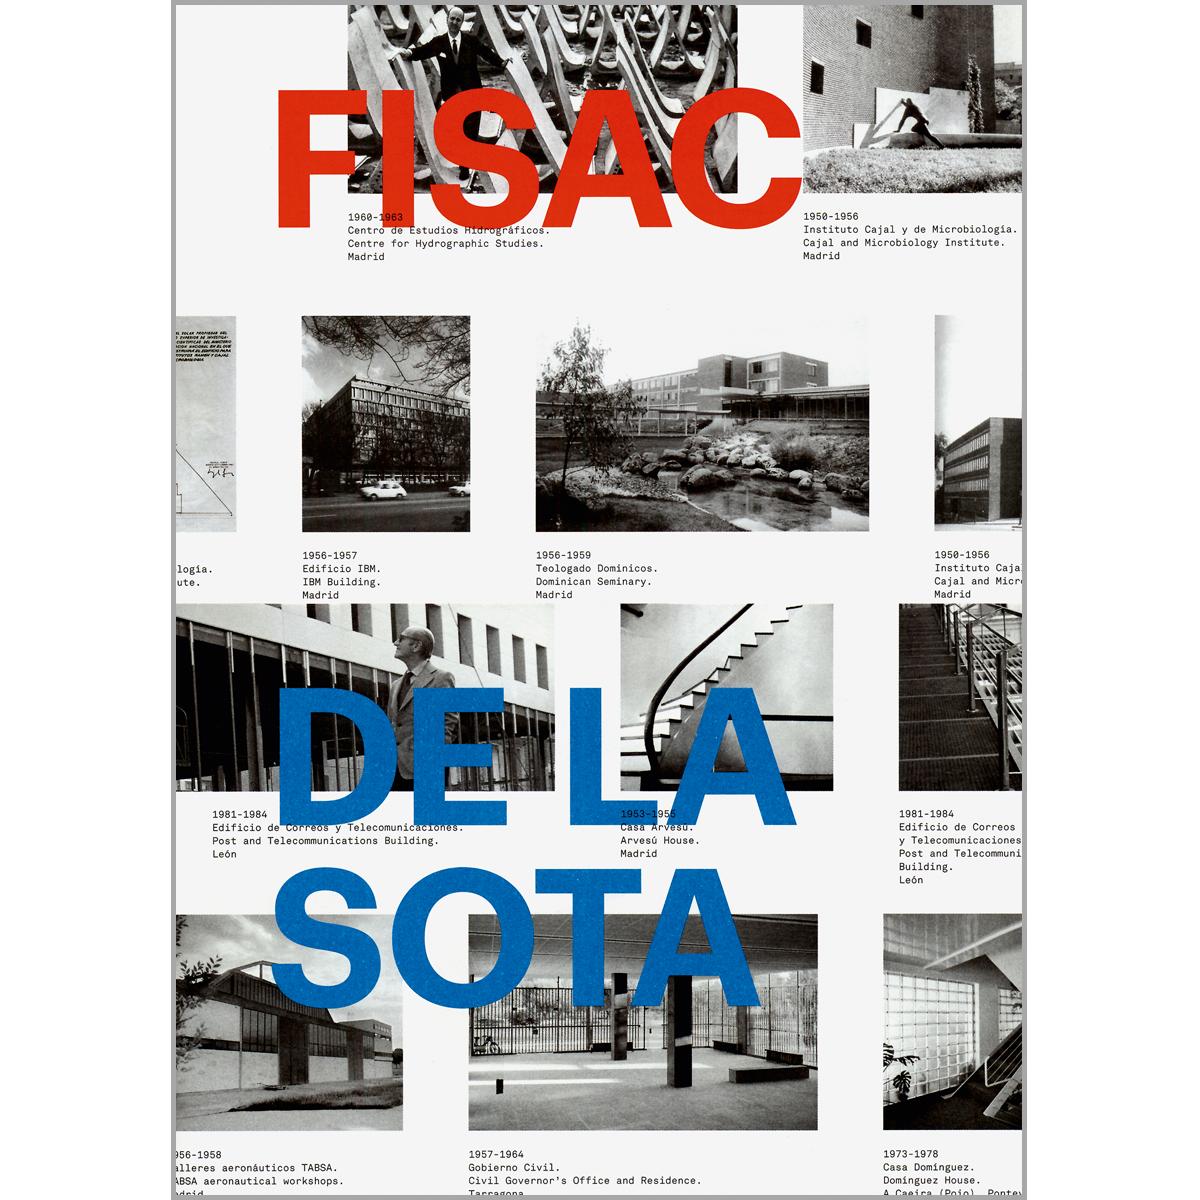 Fisac / De la Sota